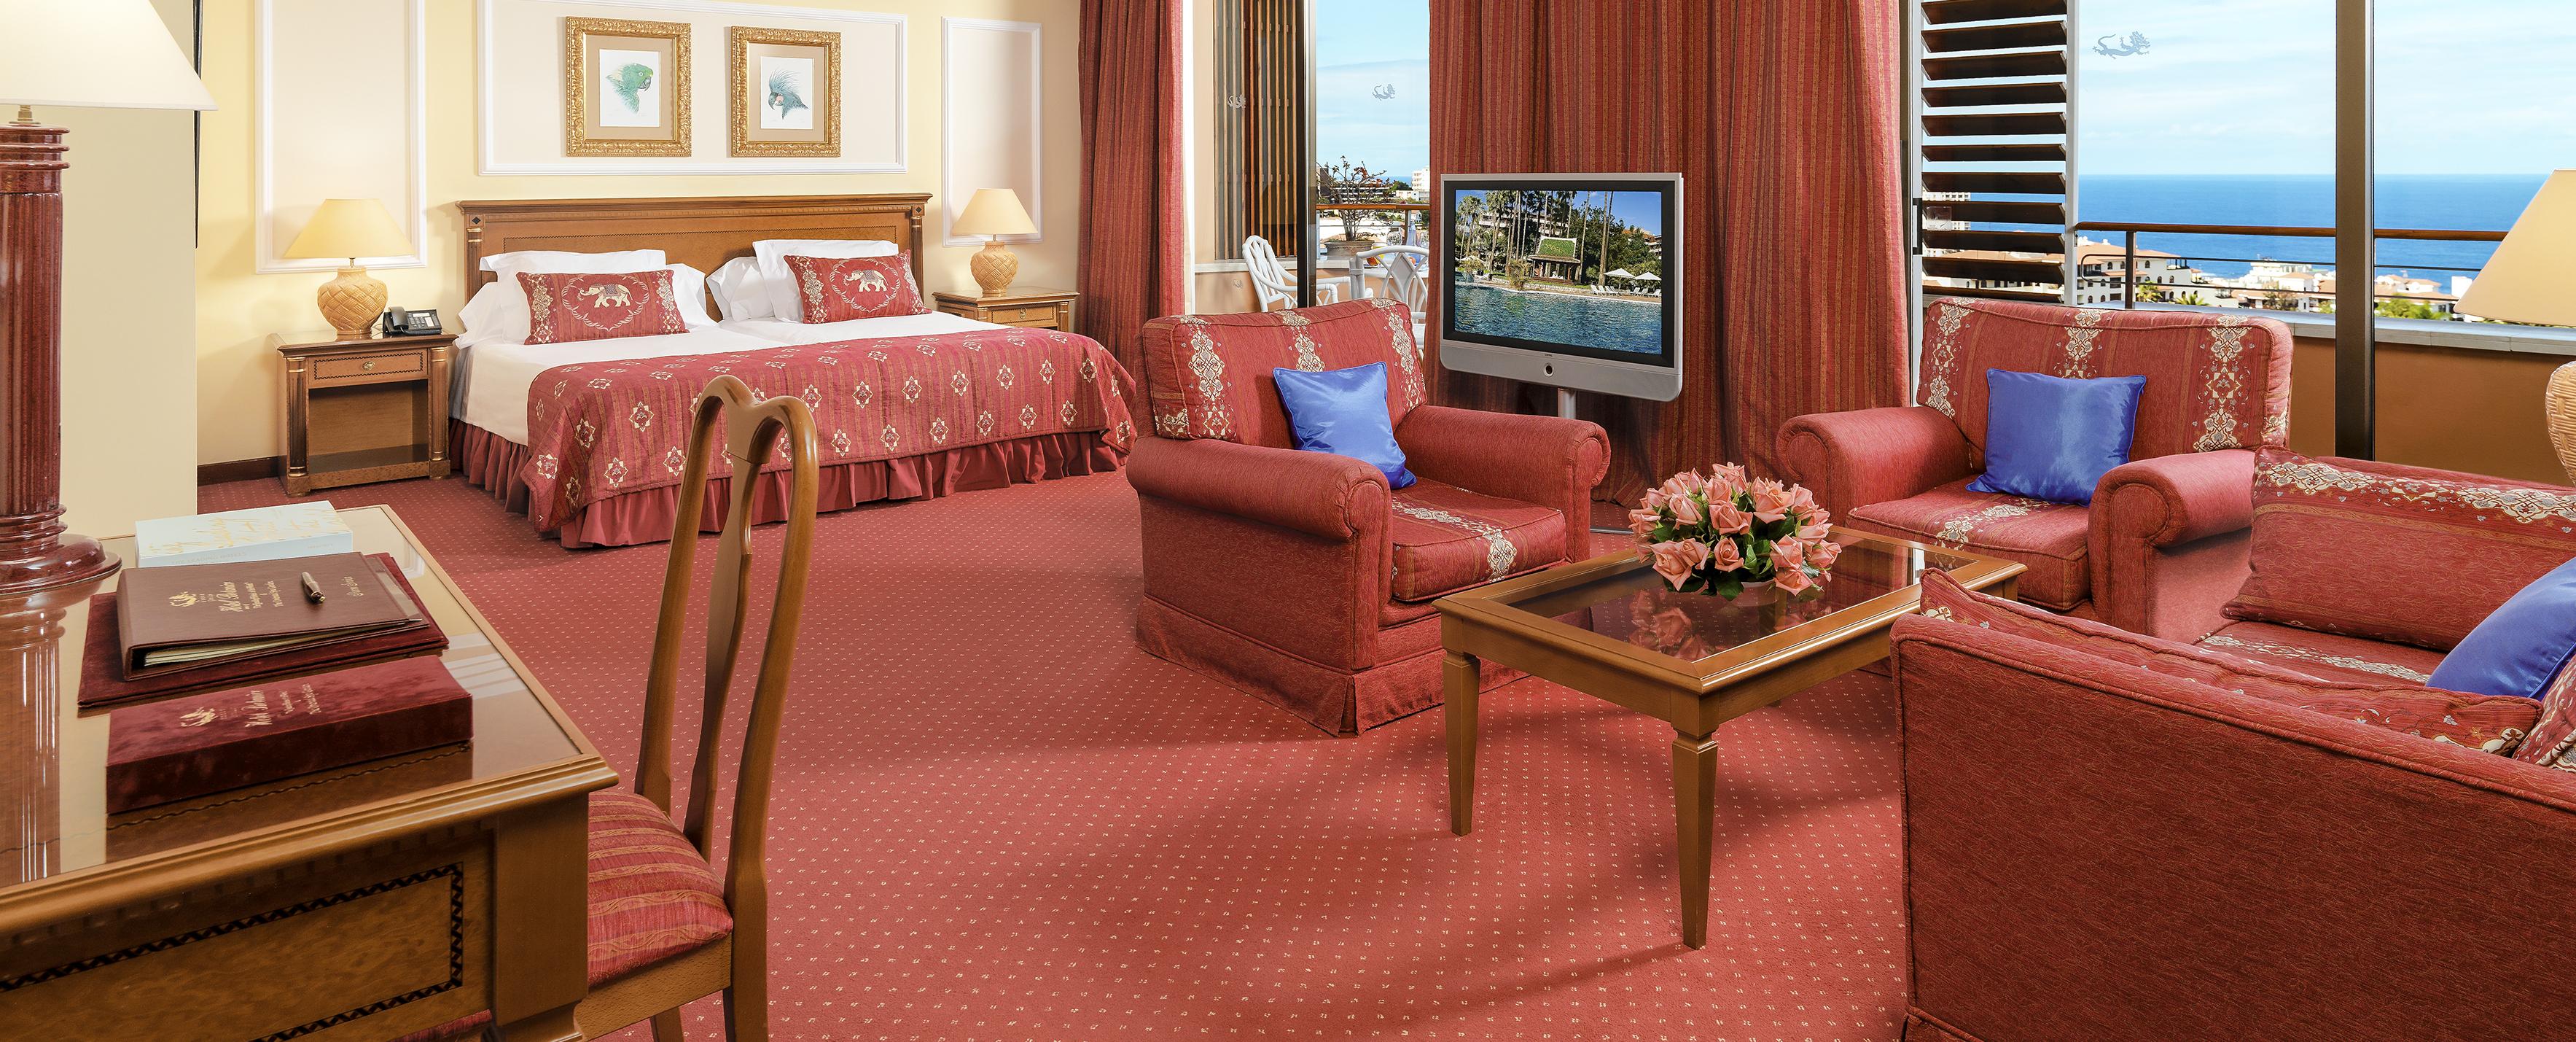 hotel-botanico-junior-suite